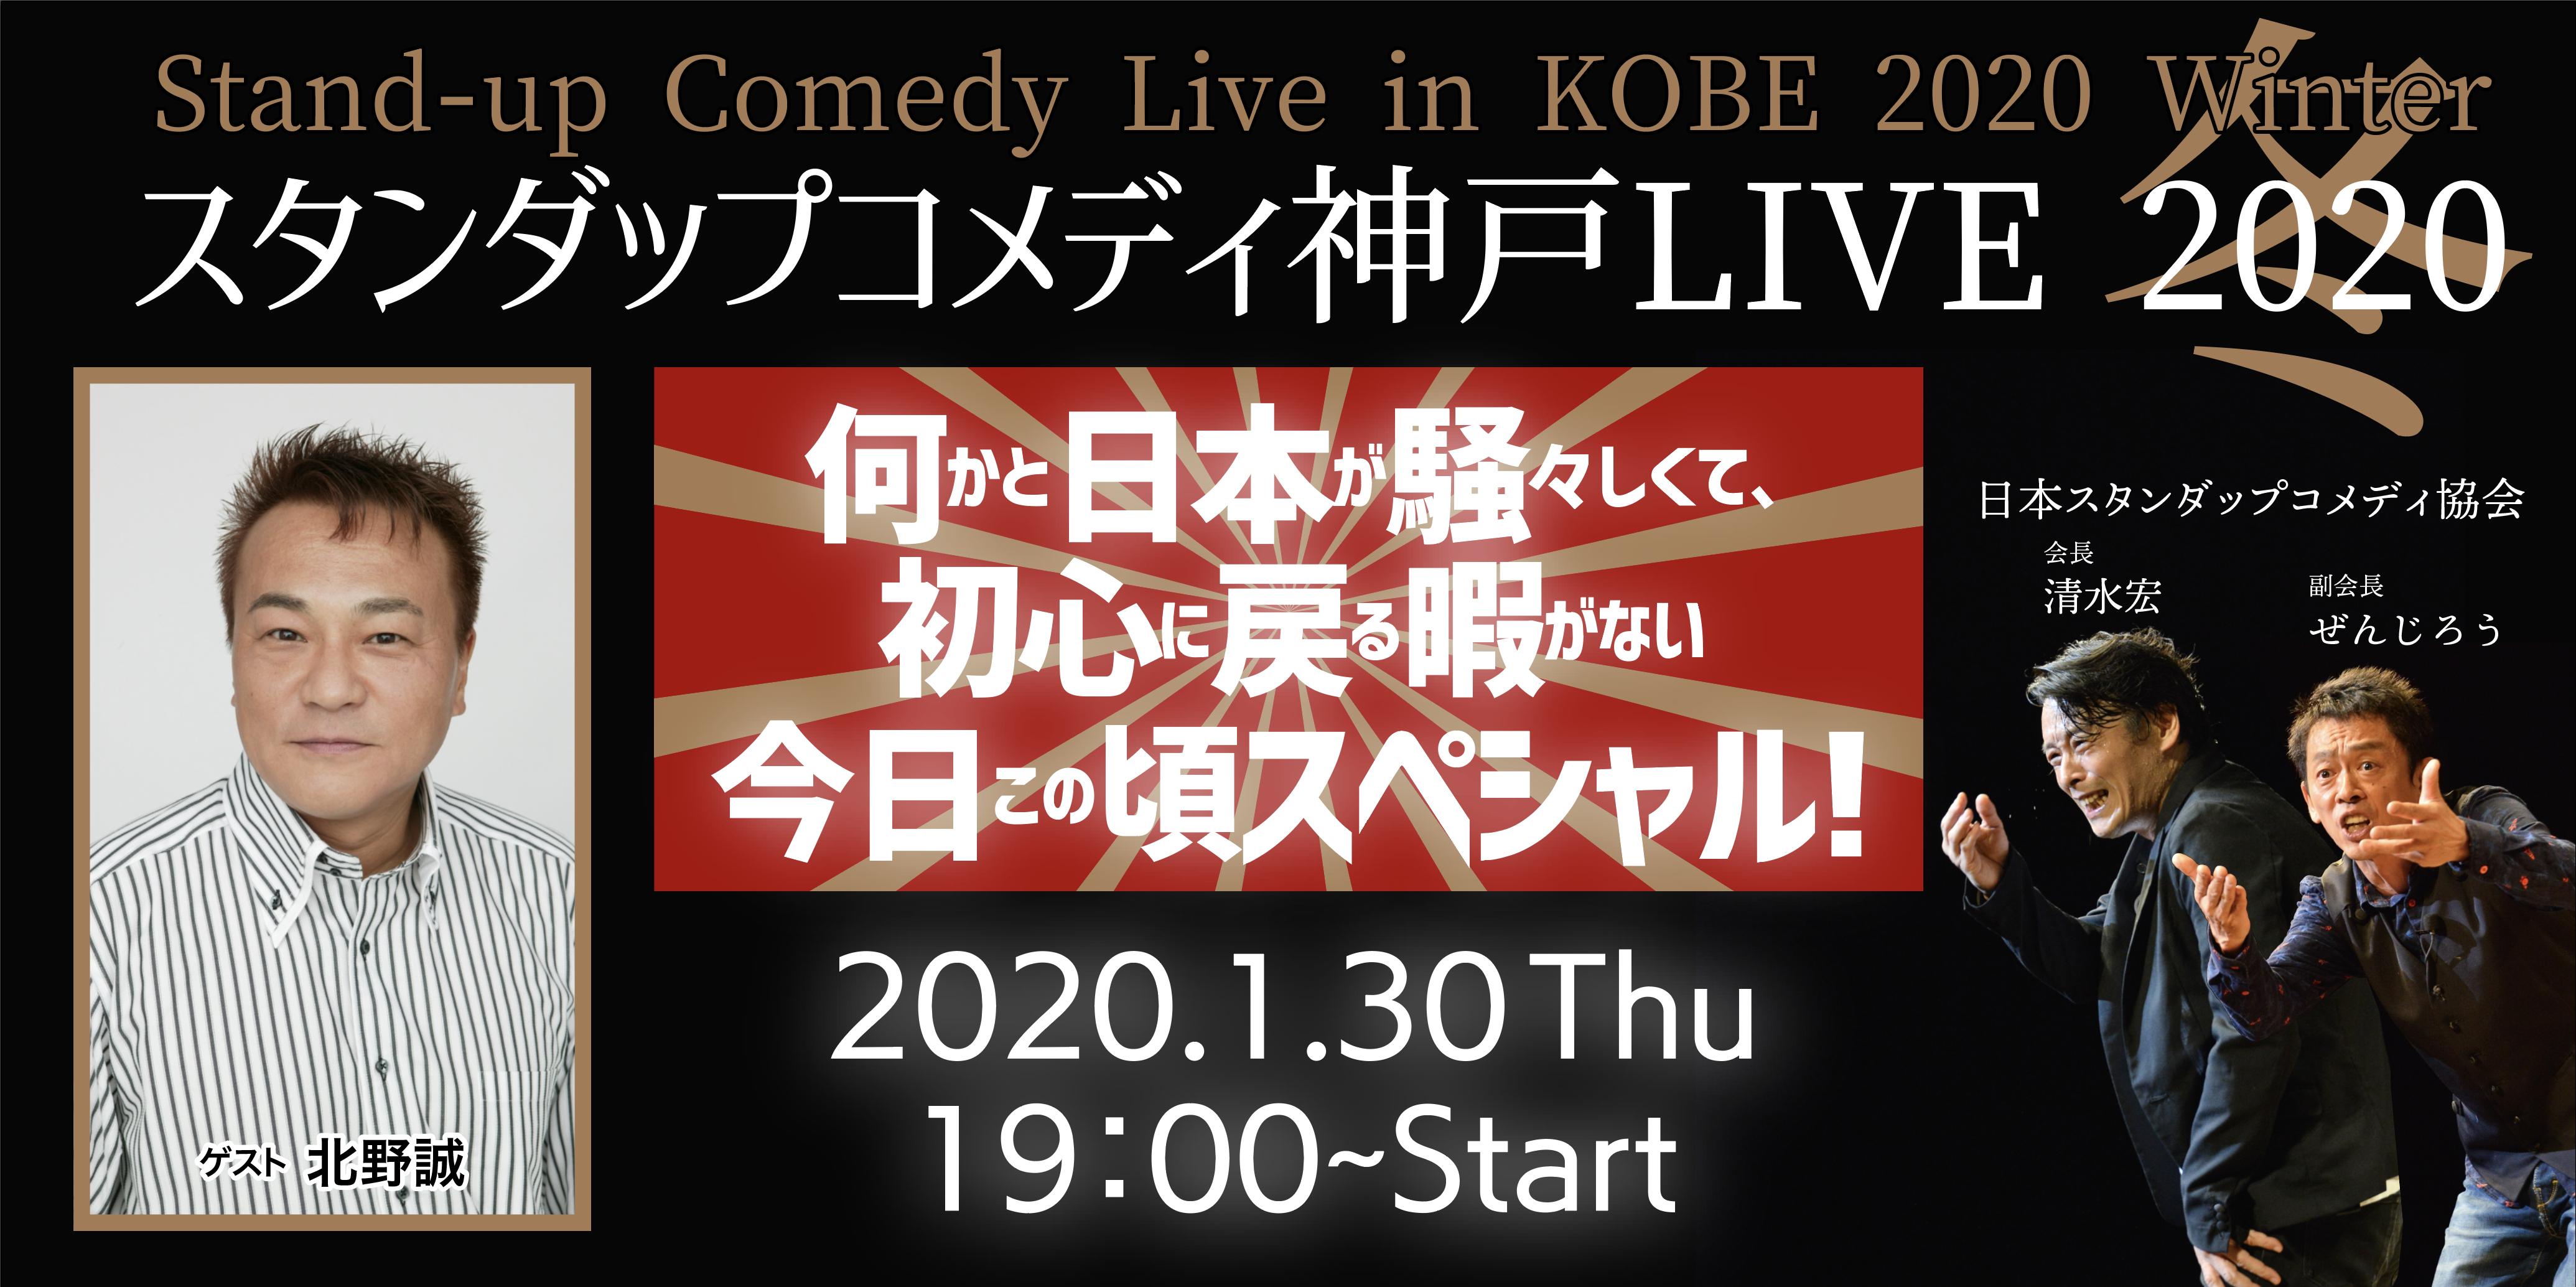 スタンダップ神戸LIVE 2020冬